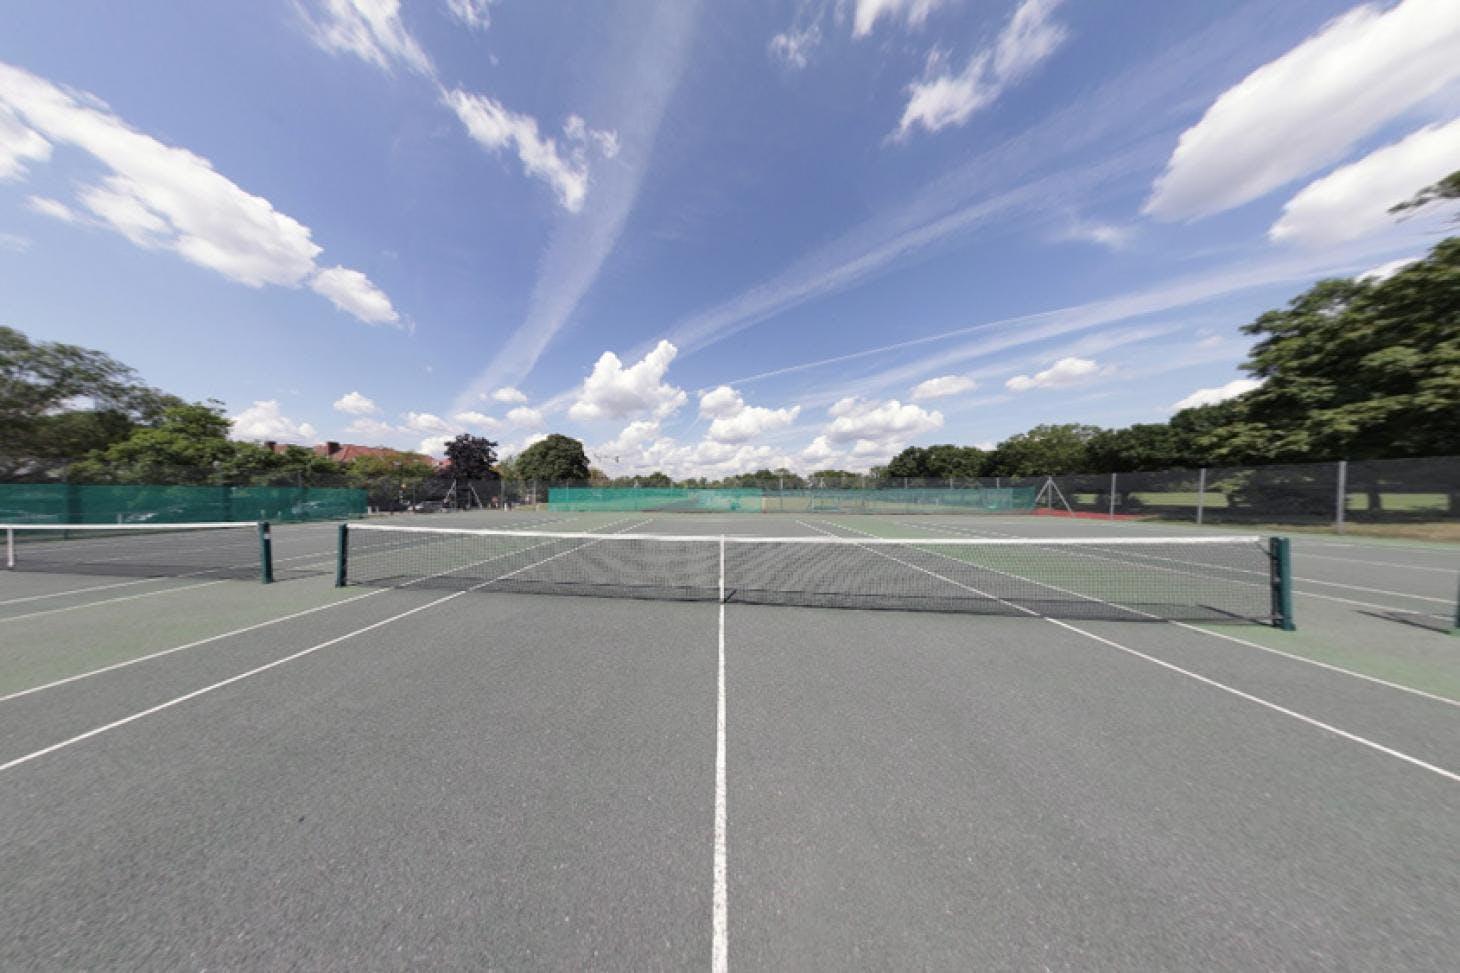 Dulwich College Sports Club Outdoor | Hard (macadam) tennis court